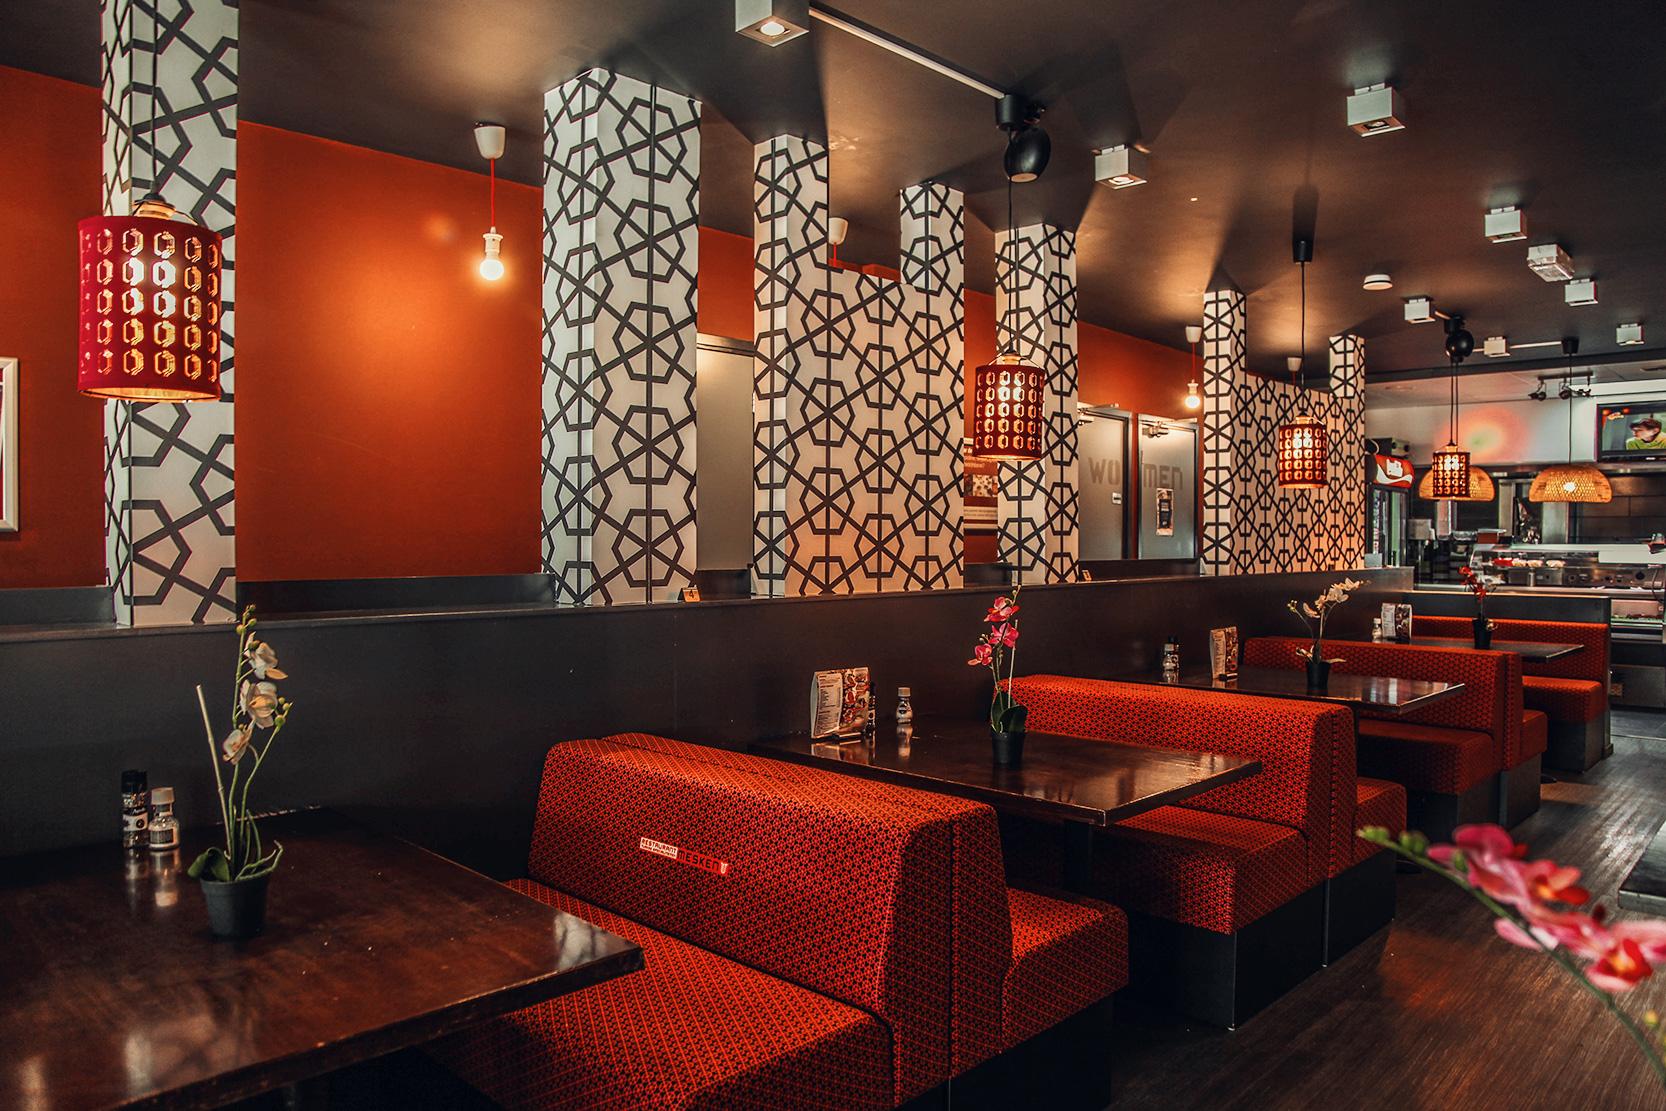 opzoek naar een turks restaurant in amsterdam